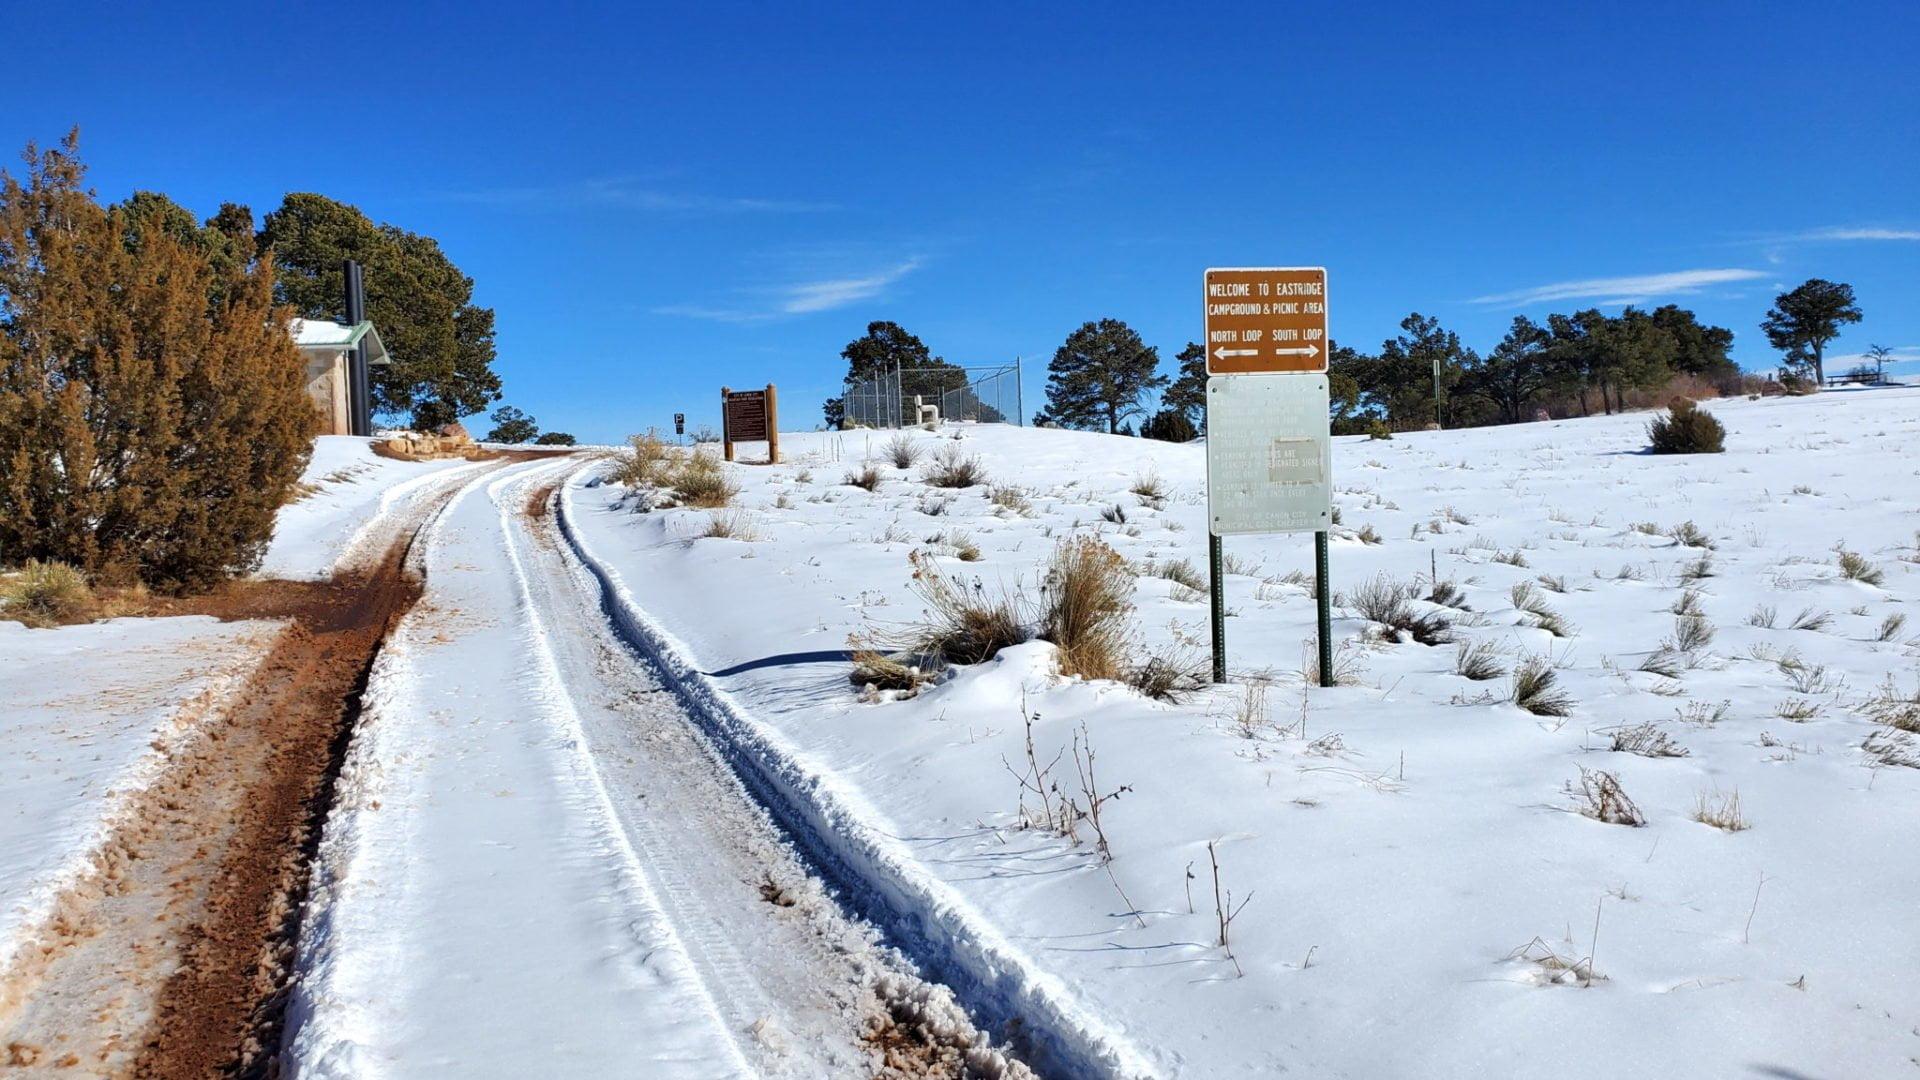 EastRidge Trailhead